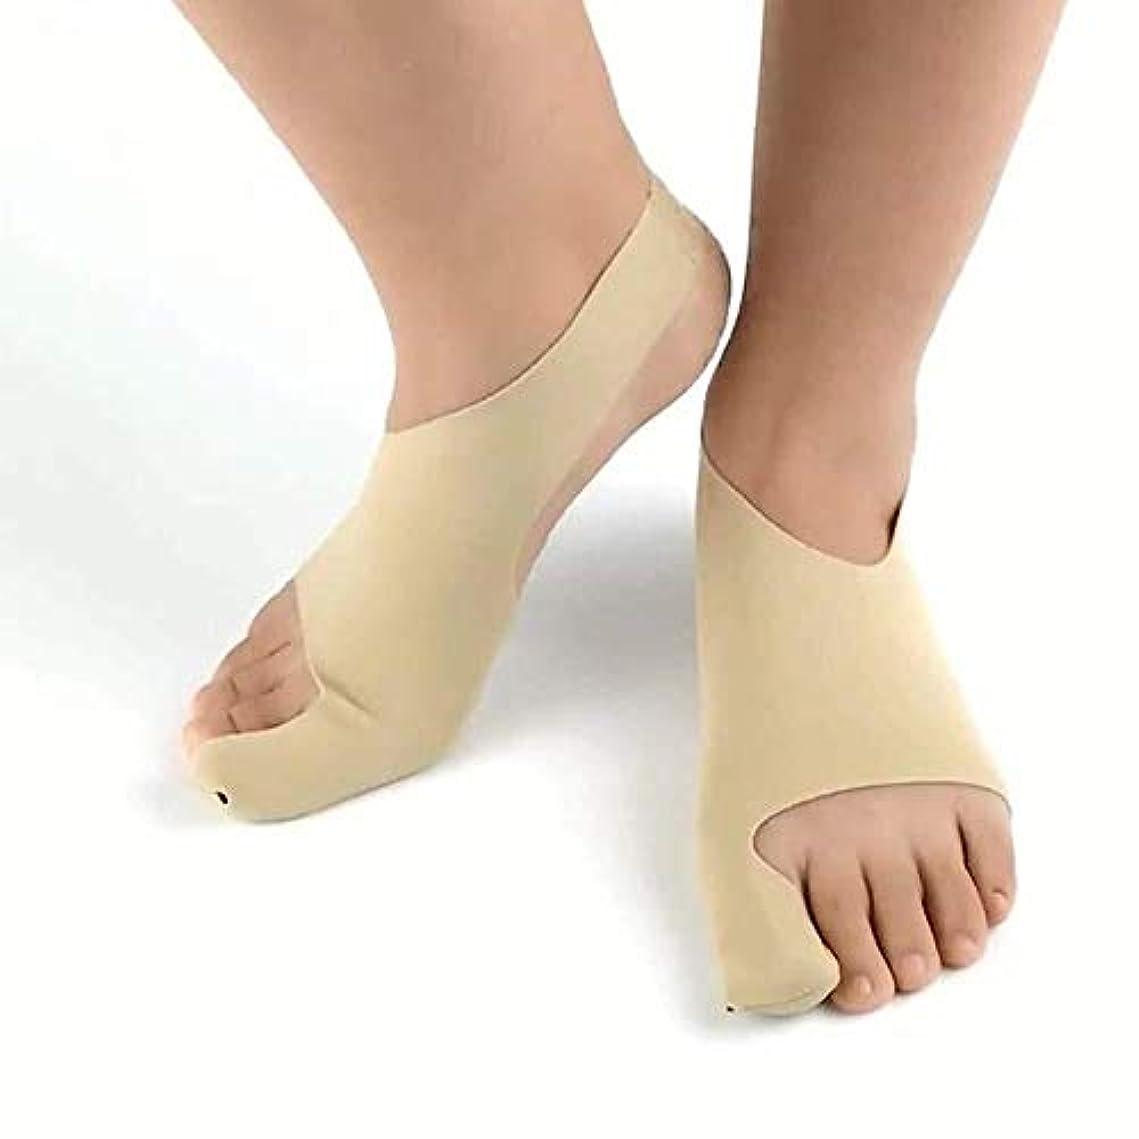 着替える歯科の直立外反母ortho装具、超薄型整形外科大足指外反母gusは、ランニング/スポーツの治療と足の痛みの緩和をサポートします,L